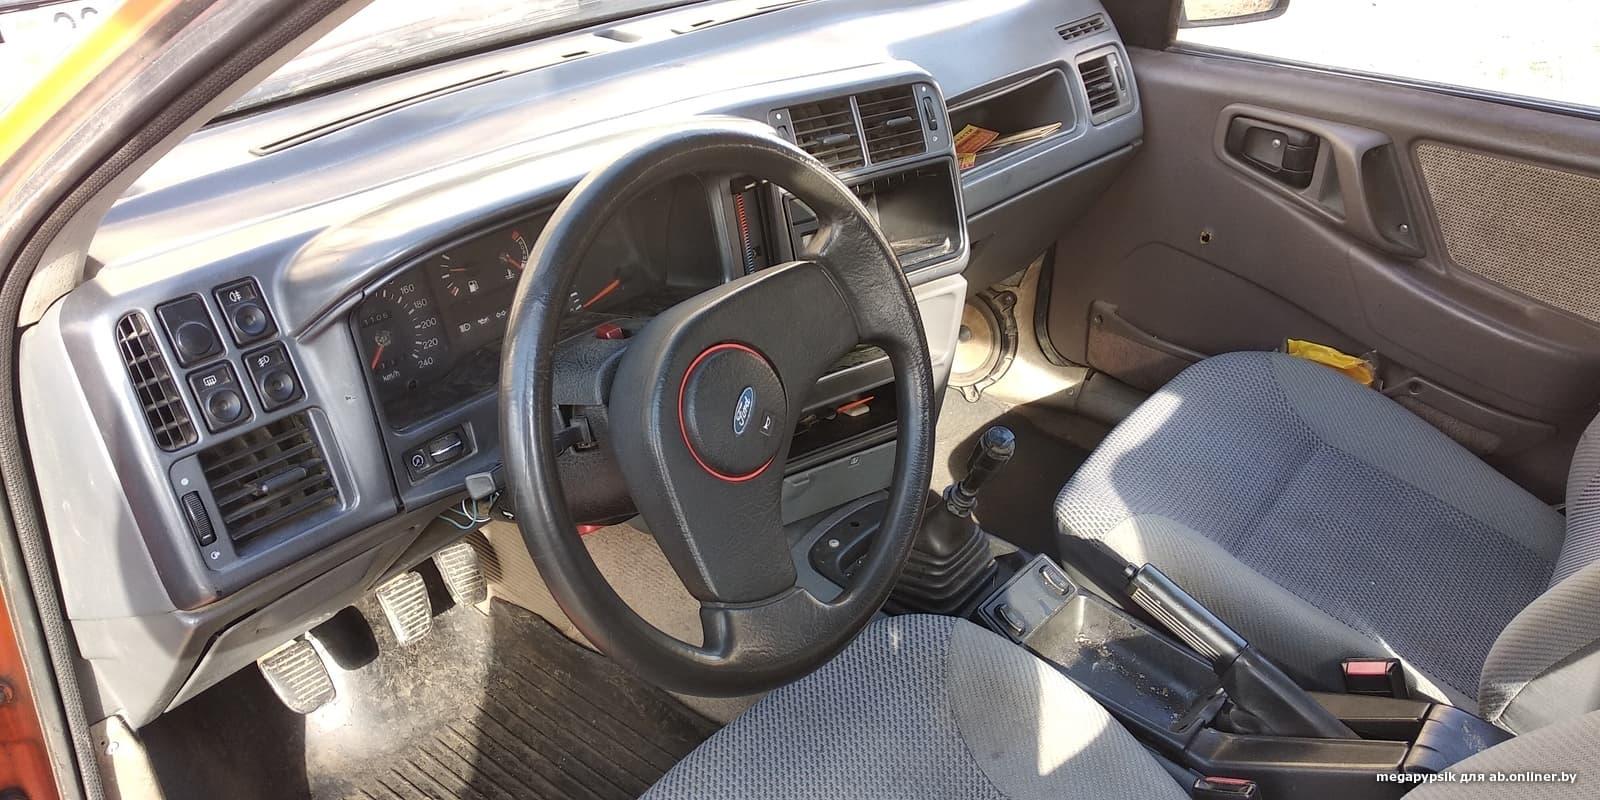 Ford Sierra 2.0dohc